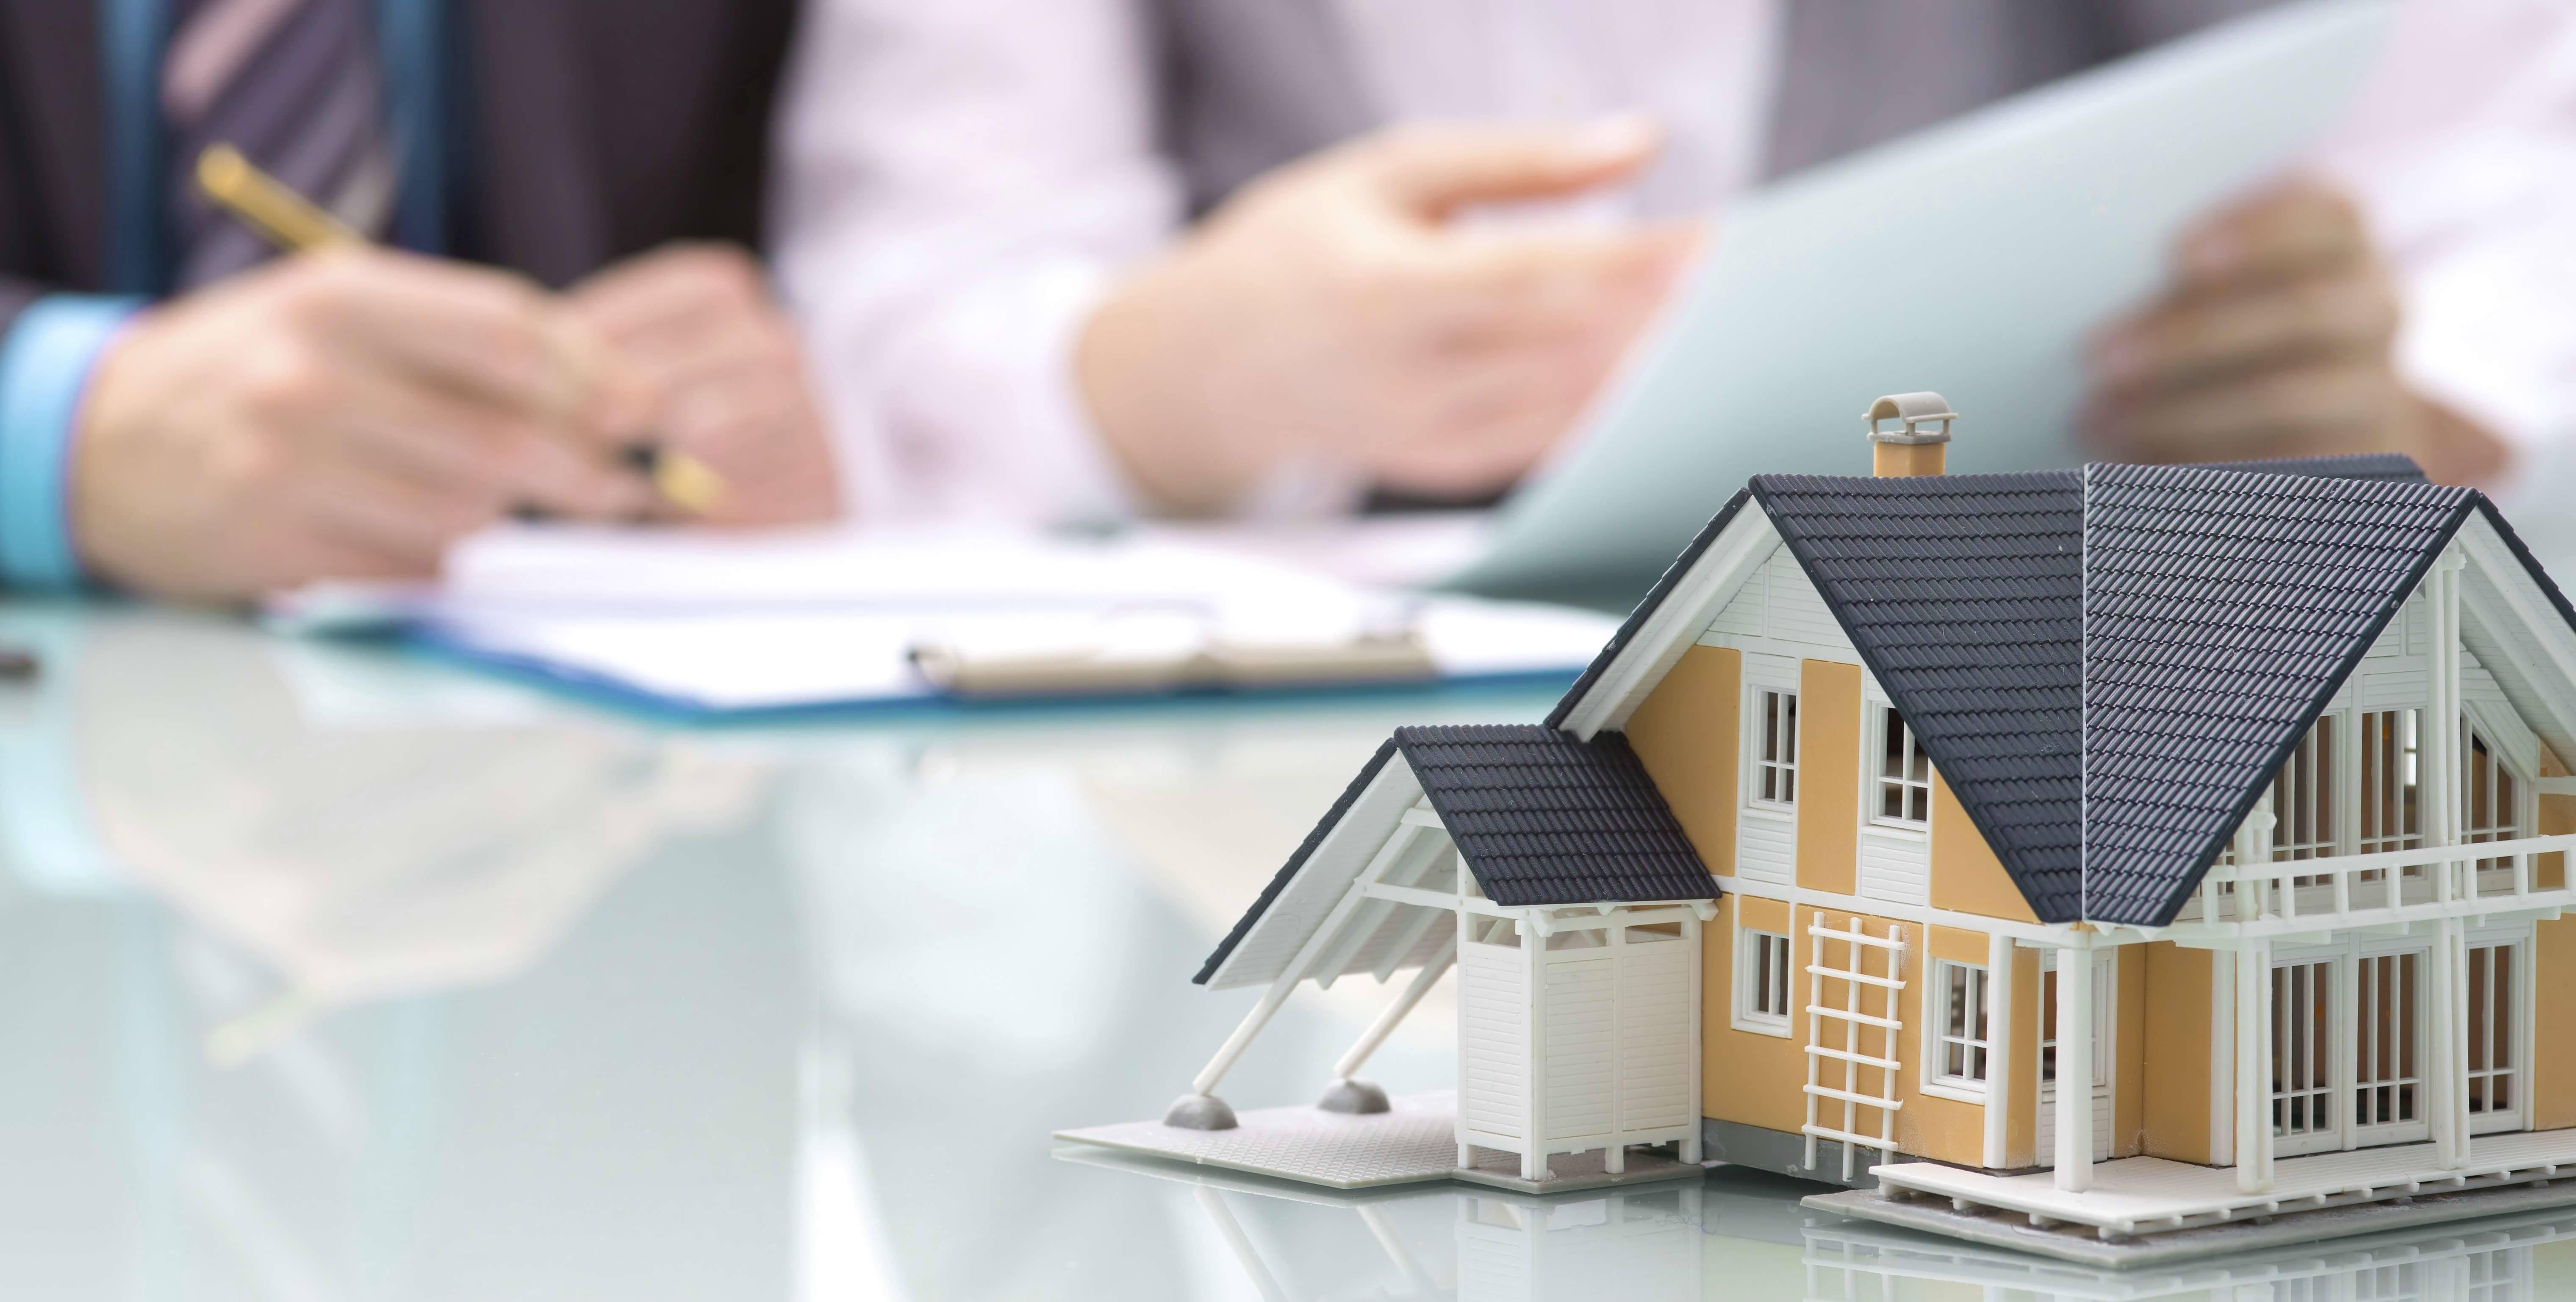 Кредит под залог недвижимости в москве низкие проценты